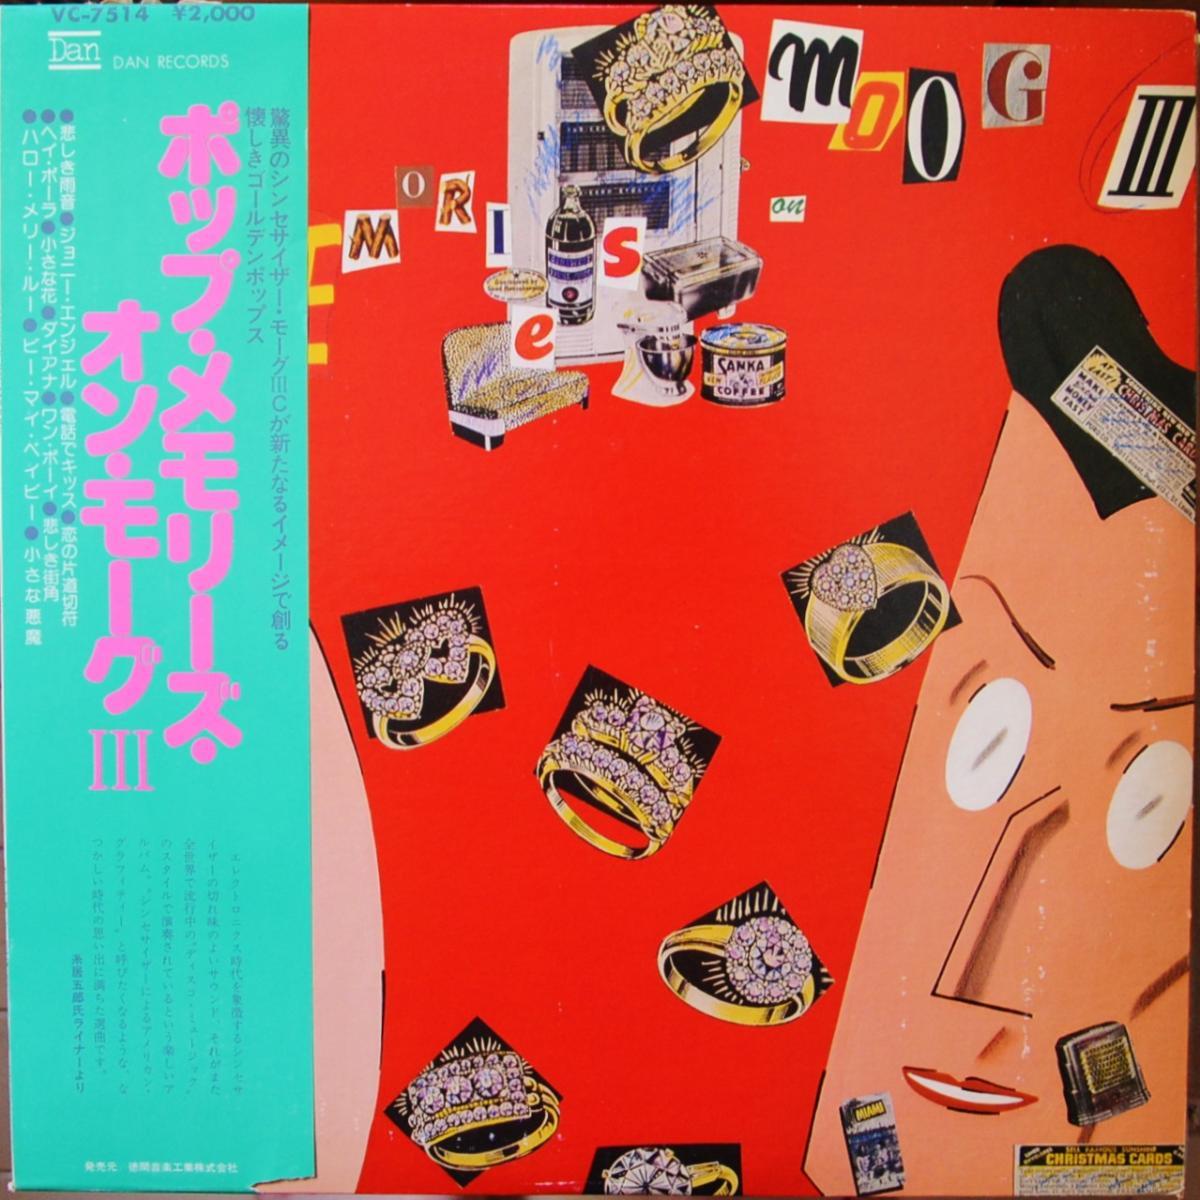 松武秀樹(HIDEKI MATSUTAKE),利根常昭(TSUNEAKI TONE) / ポップ・メモリーズ・オン・モーグ III / POP MEMORIES ON MOOG III (LP)